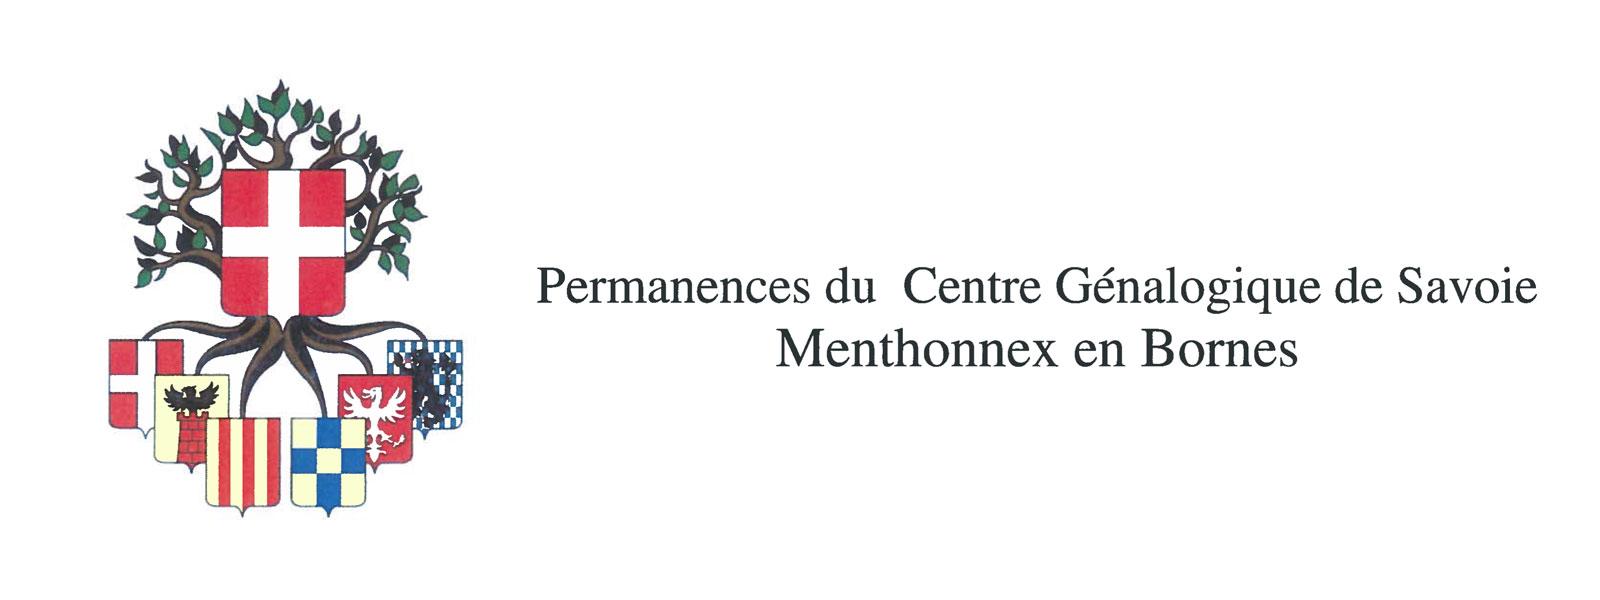 Permanences du Centre Généalogique de Savoie